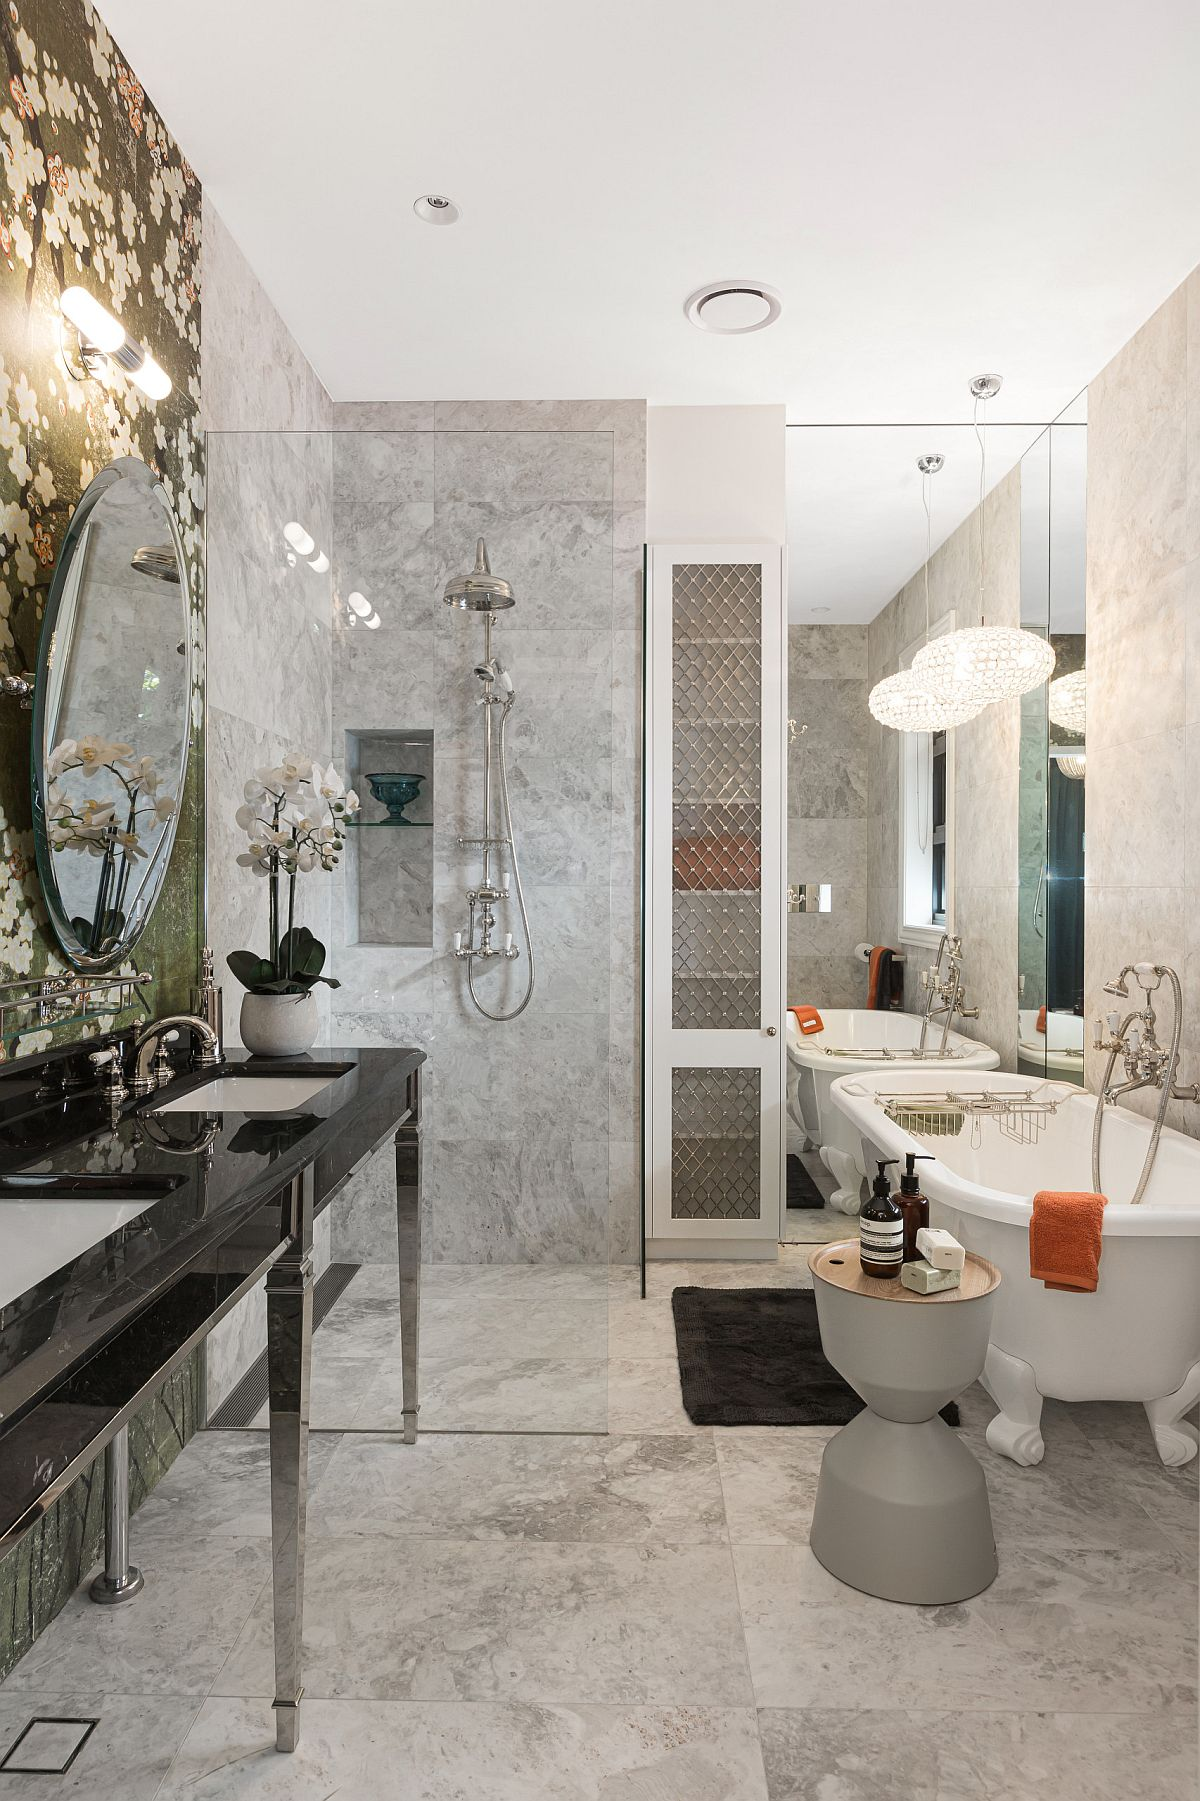 La vanité personnalisée en noir a le plus grand impact dans cette salle de bain moderne